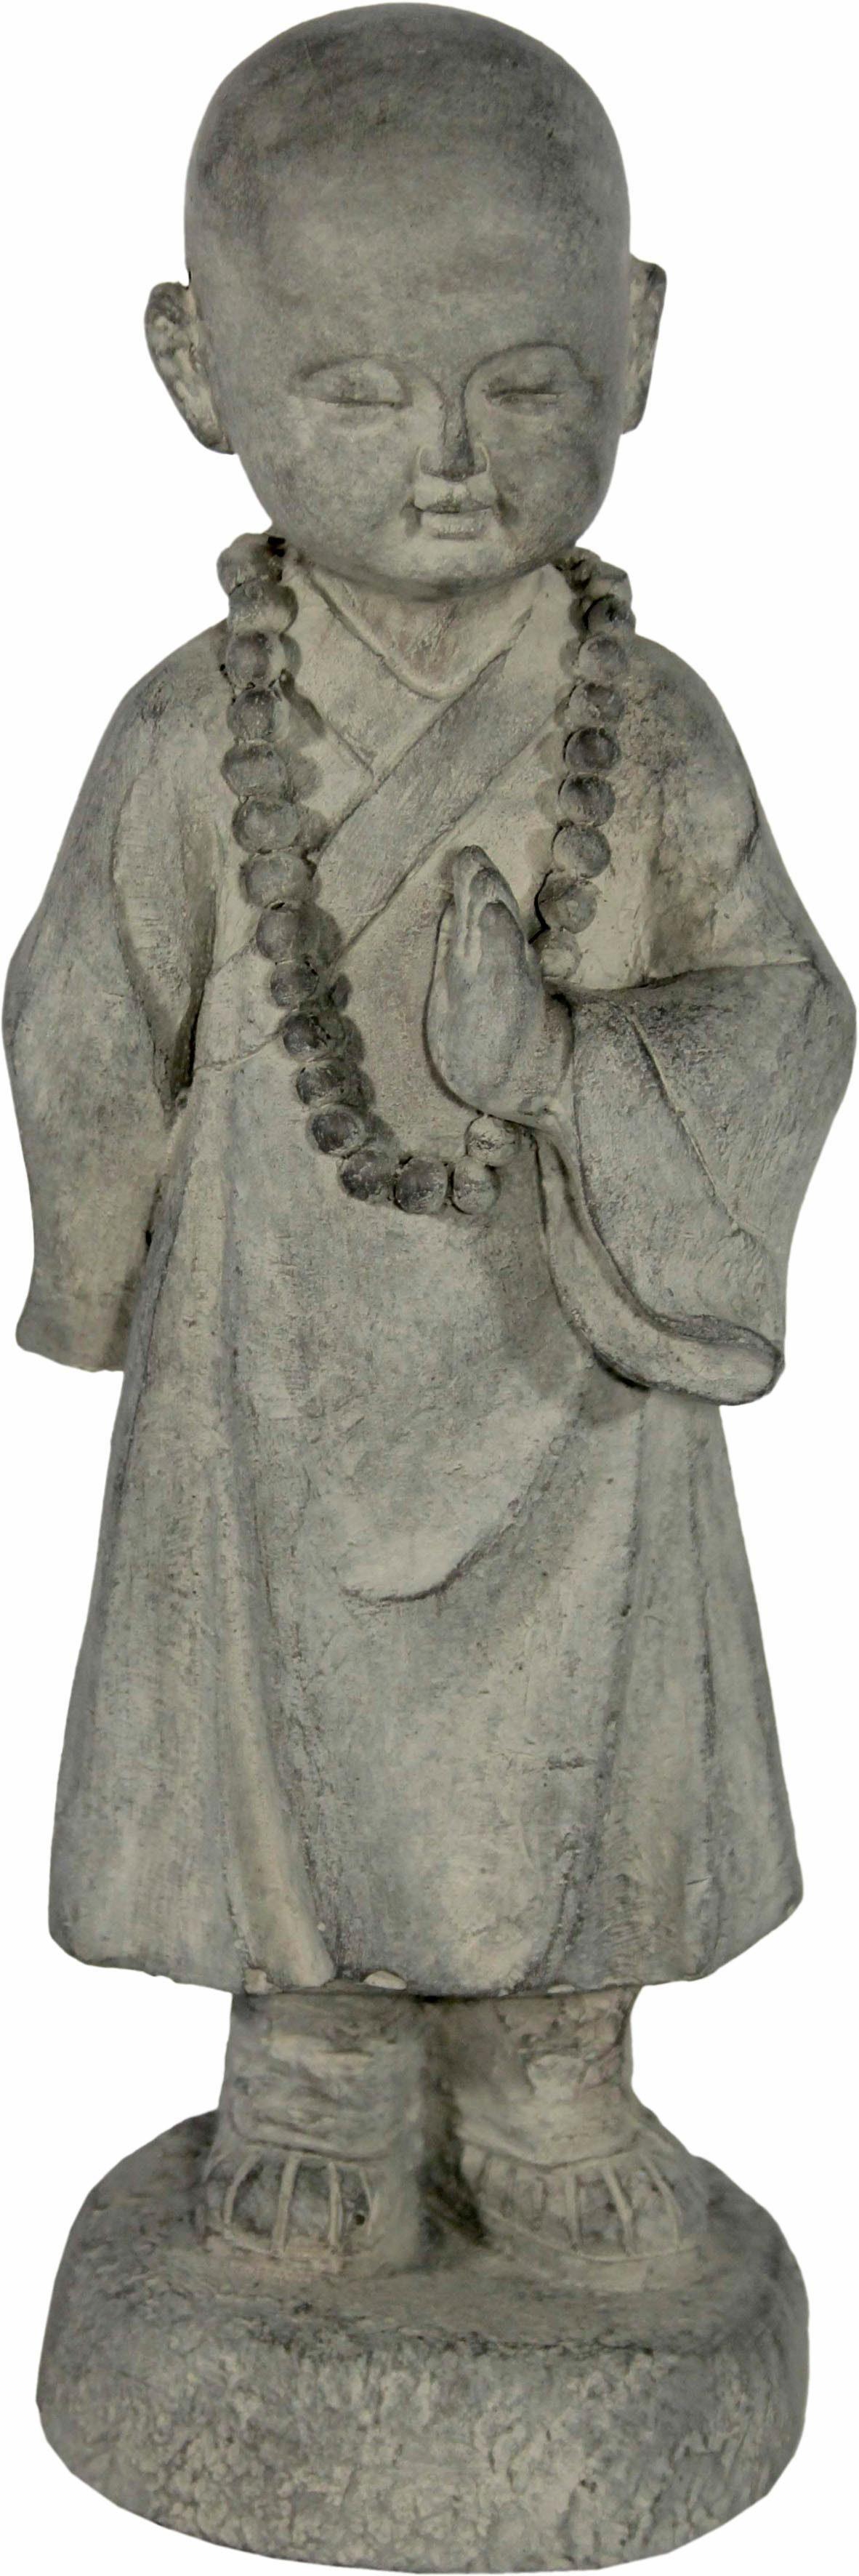 Home affaire Dekofigur »Mönch, stehend, hält linke Hand nach oben, sandfarben, Höhe 41 cm«